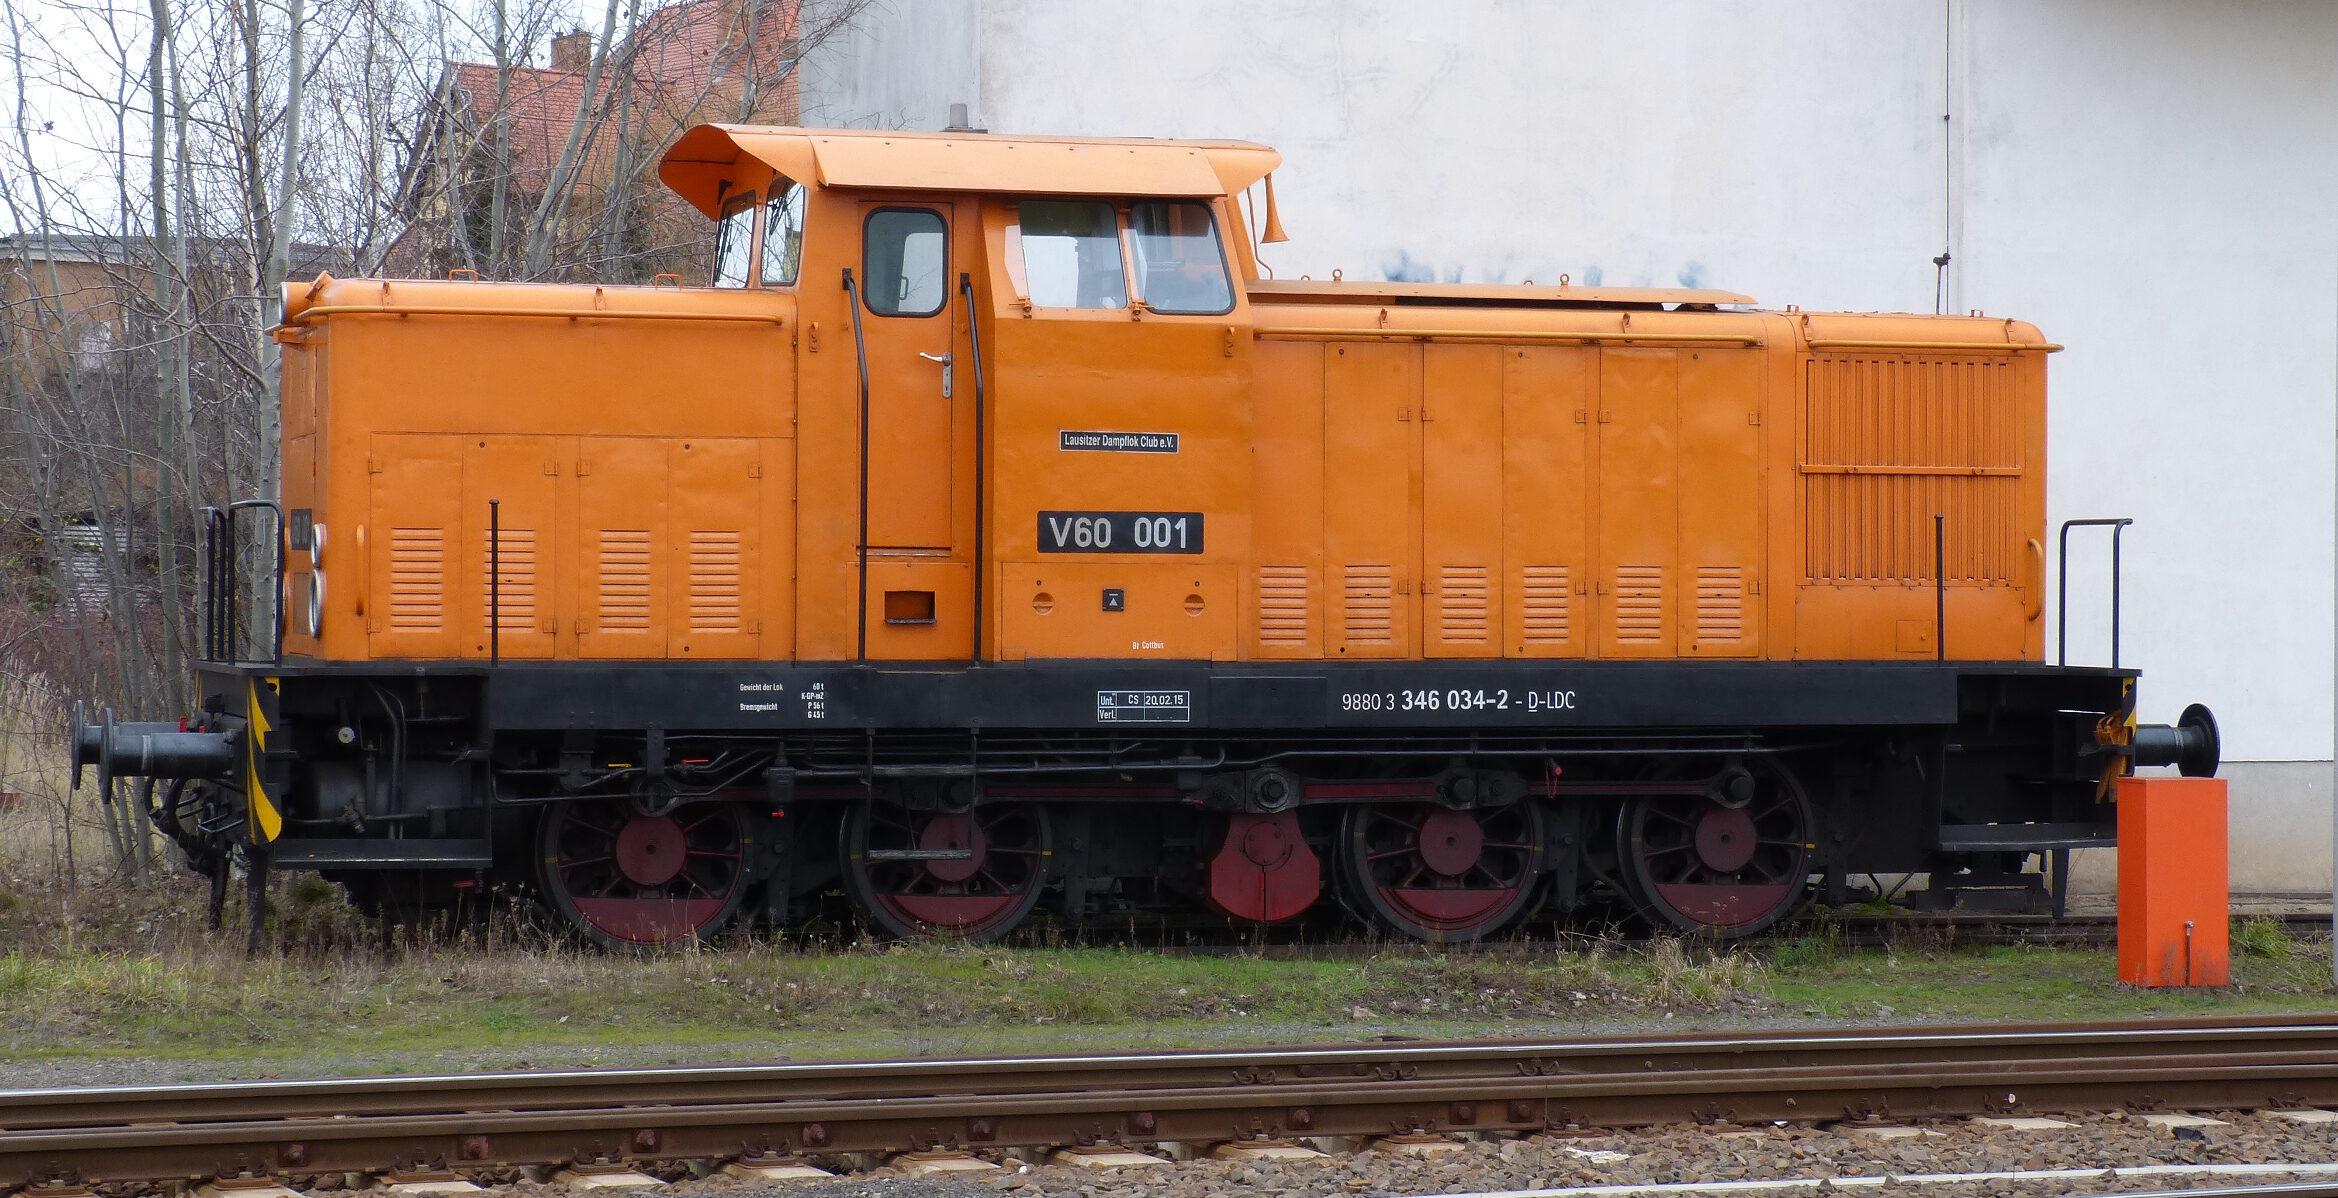 V60 Ost